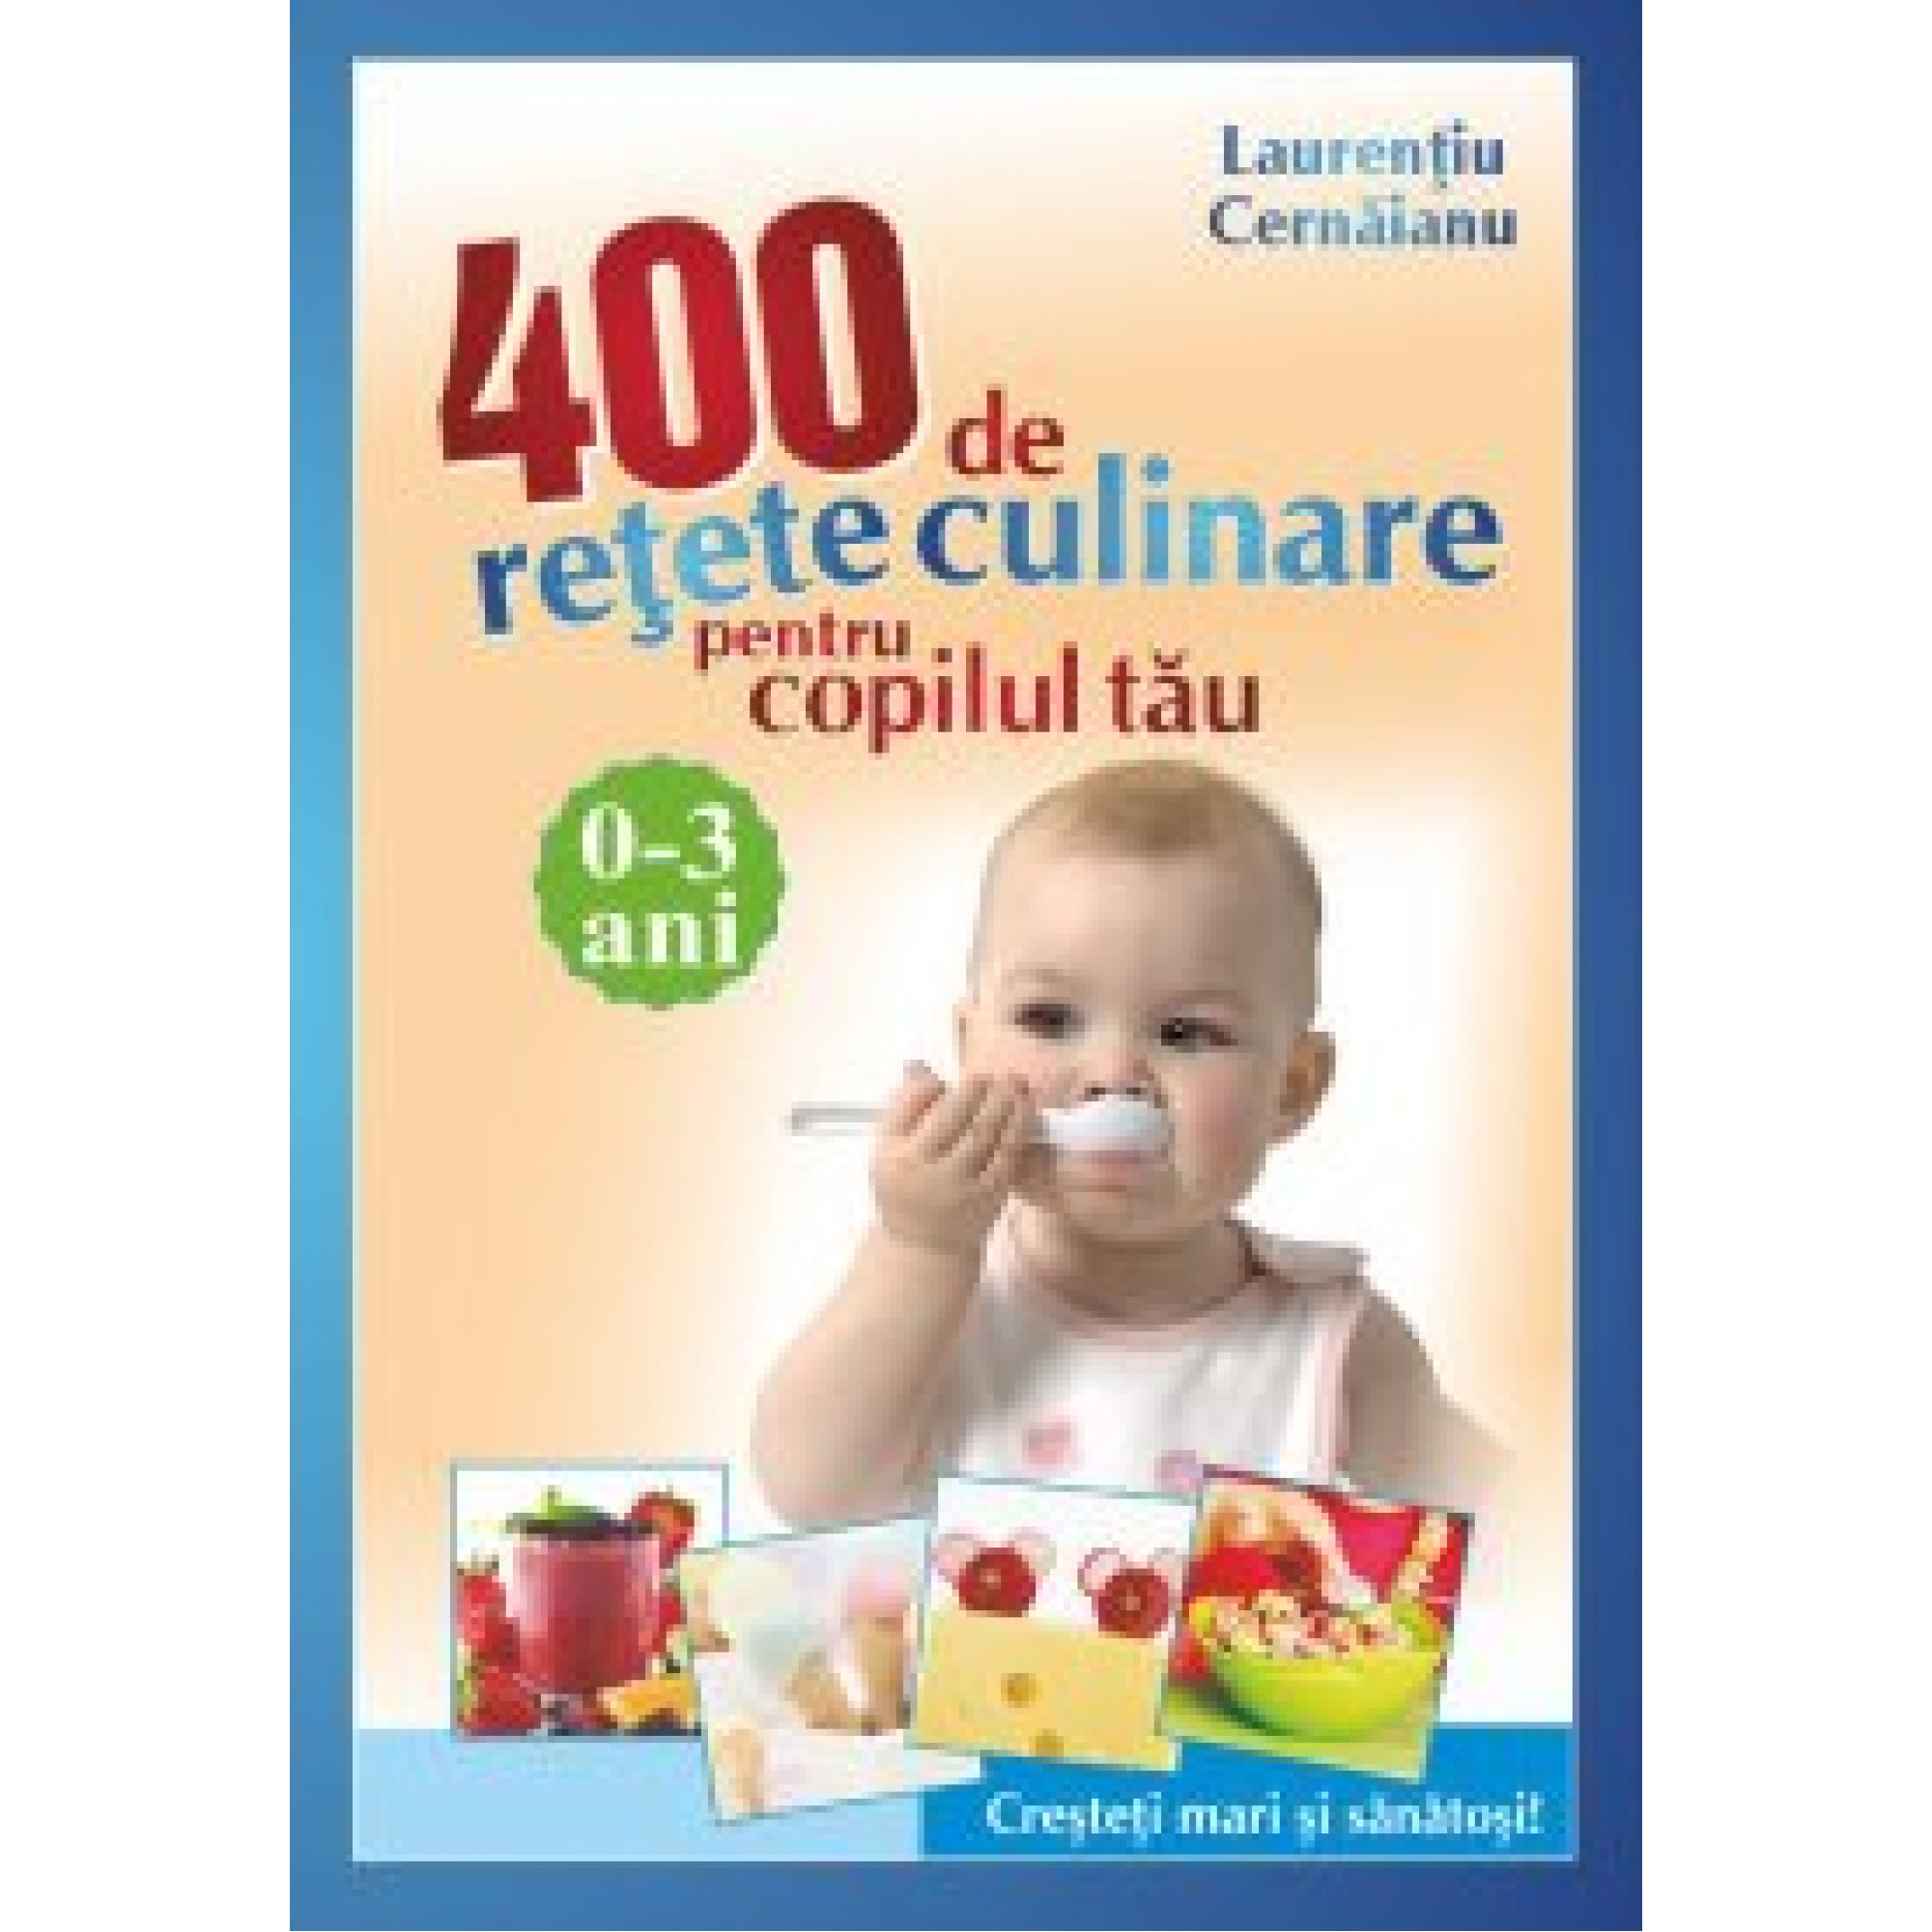 400 de rețete culinare pentru copilul tău